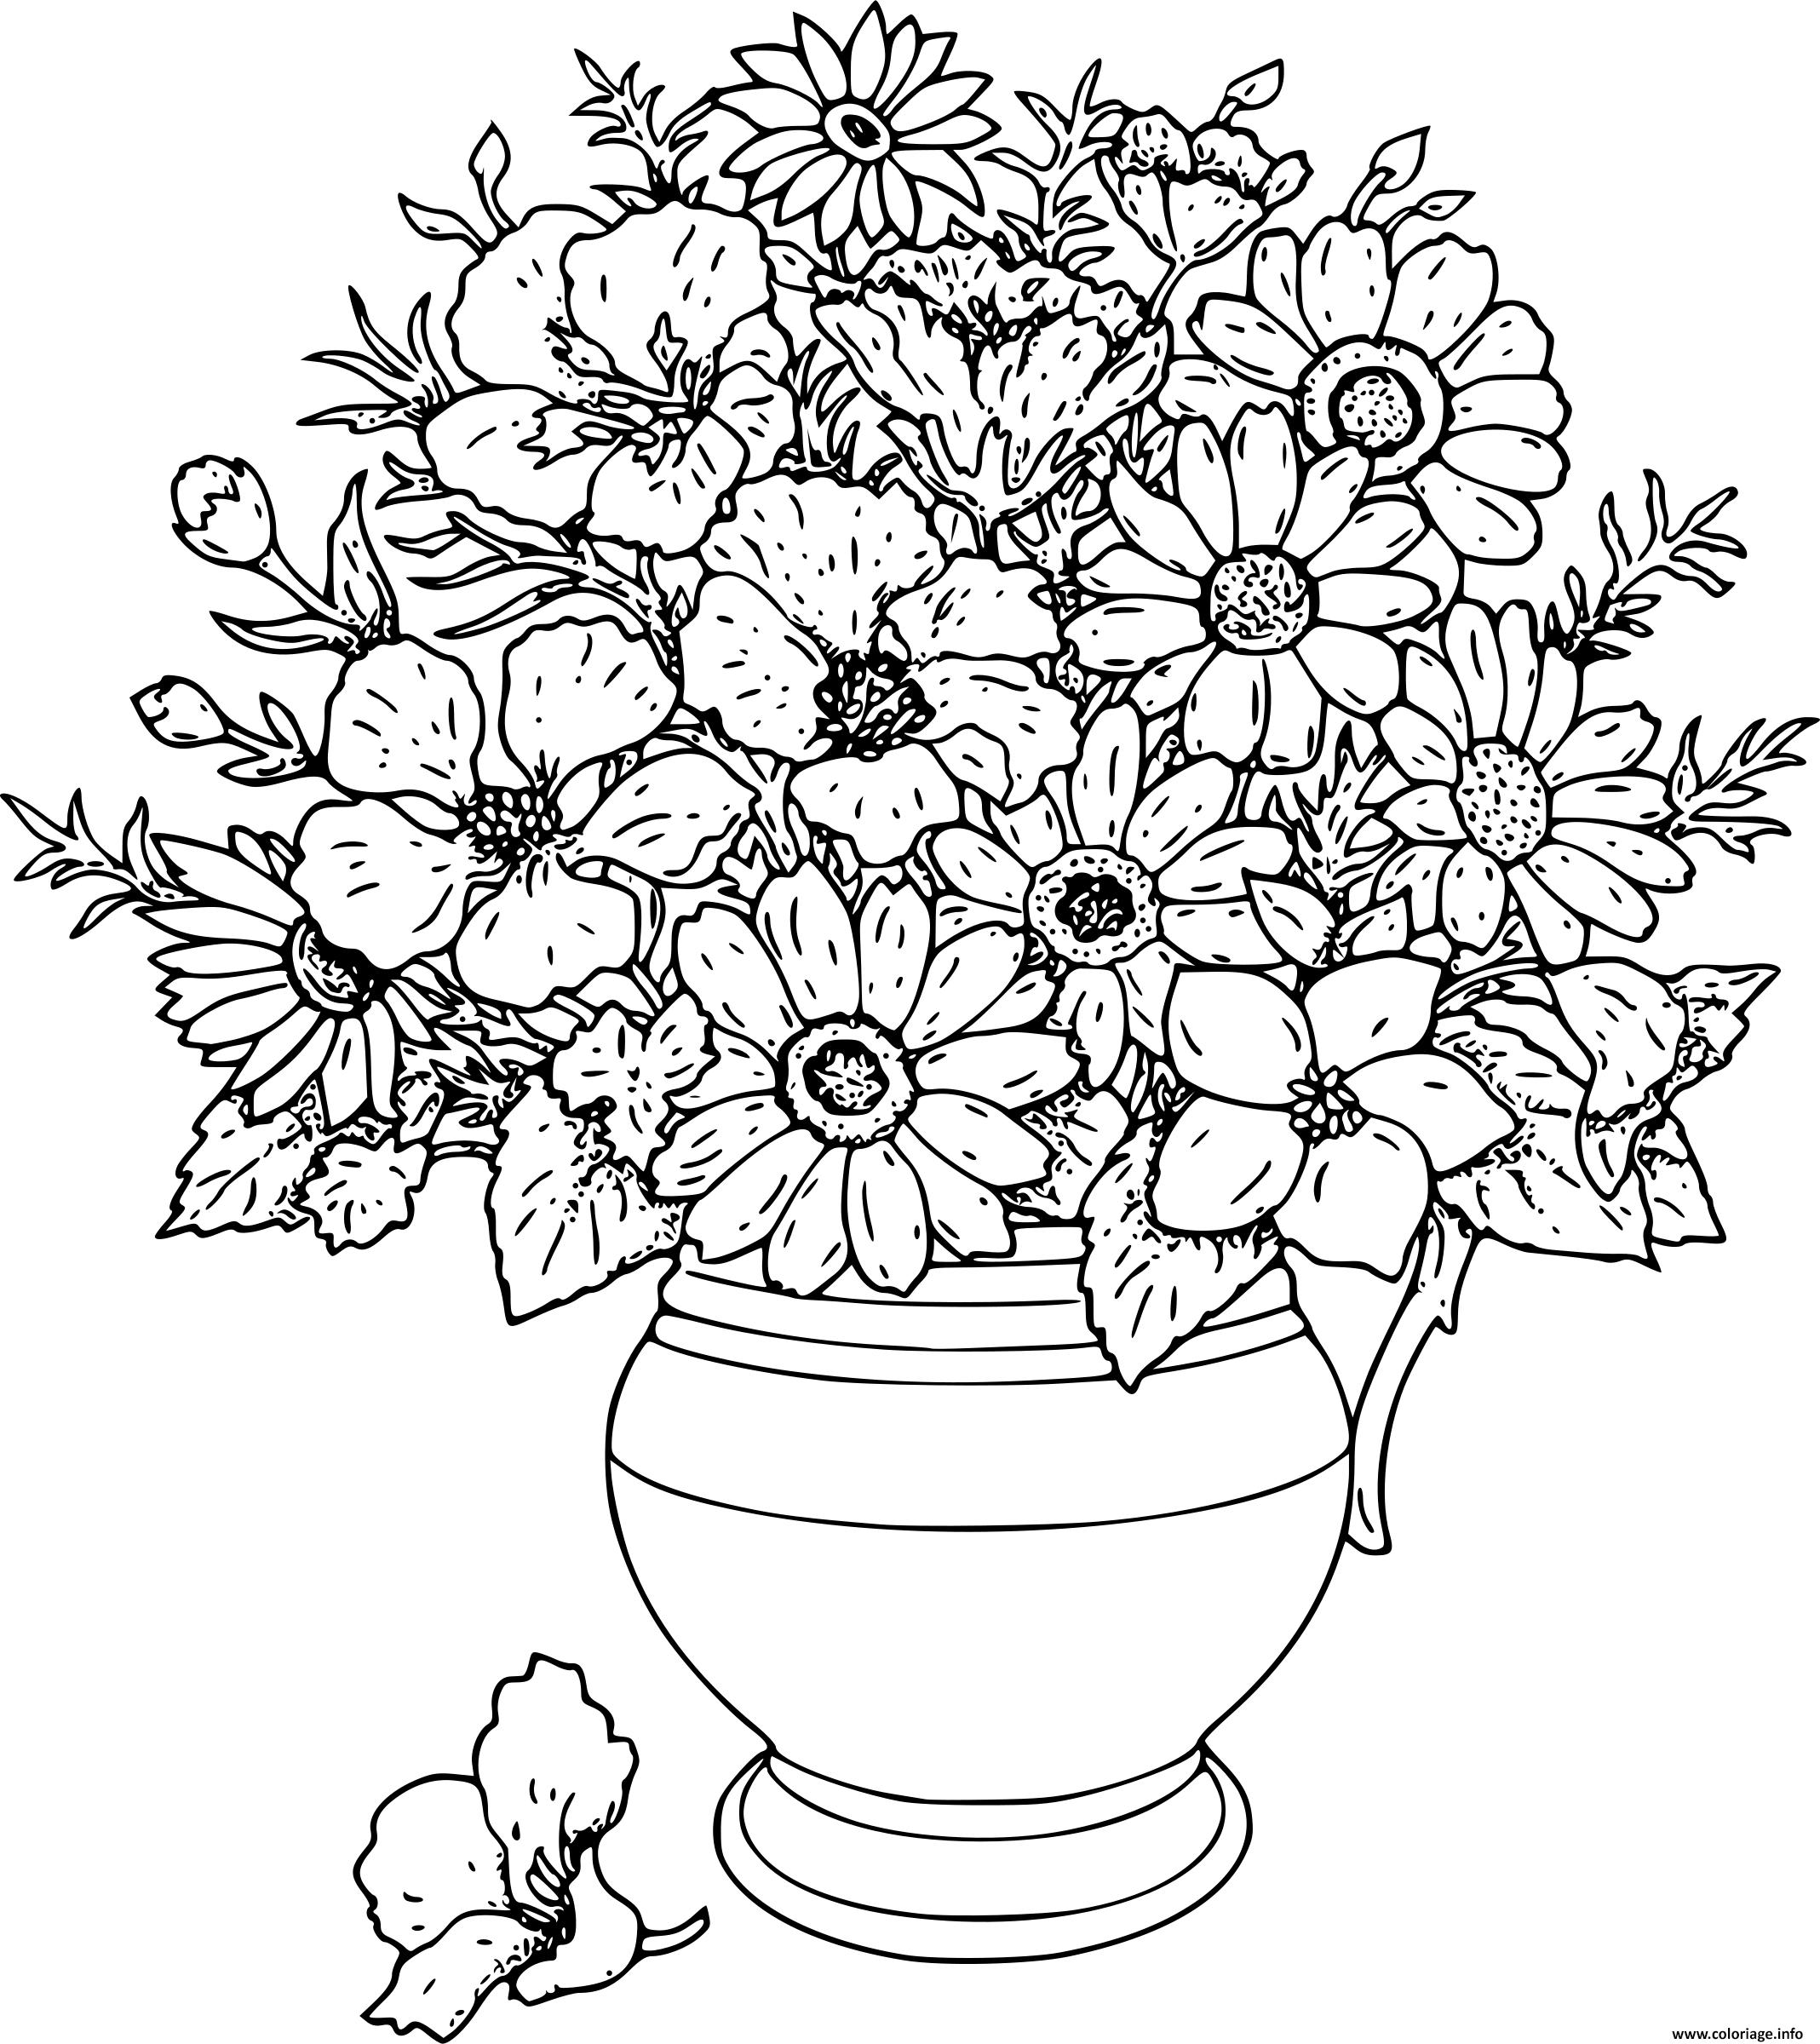 Coloriage Bouquet De Fleurs Adulte Dessin